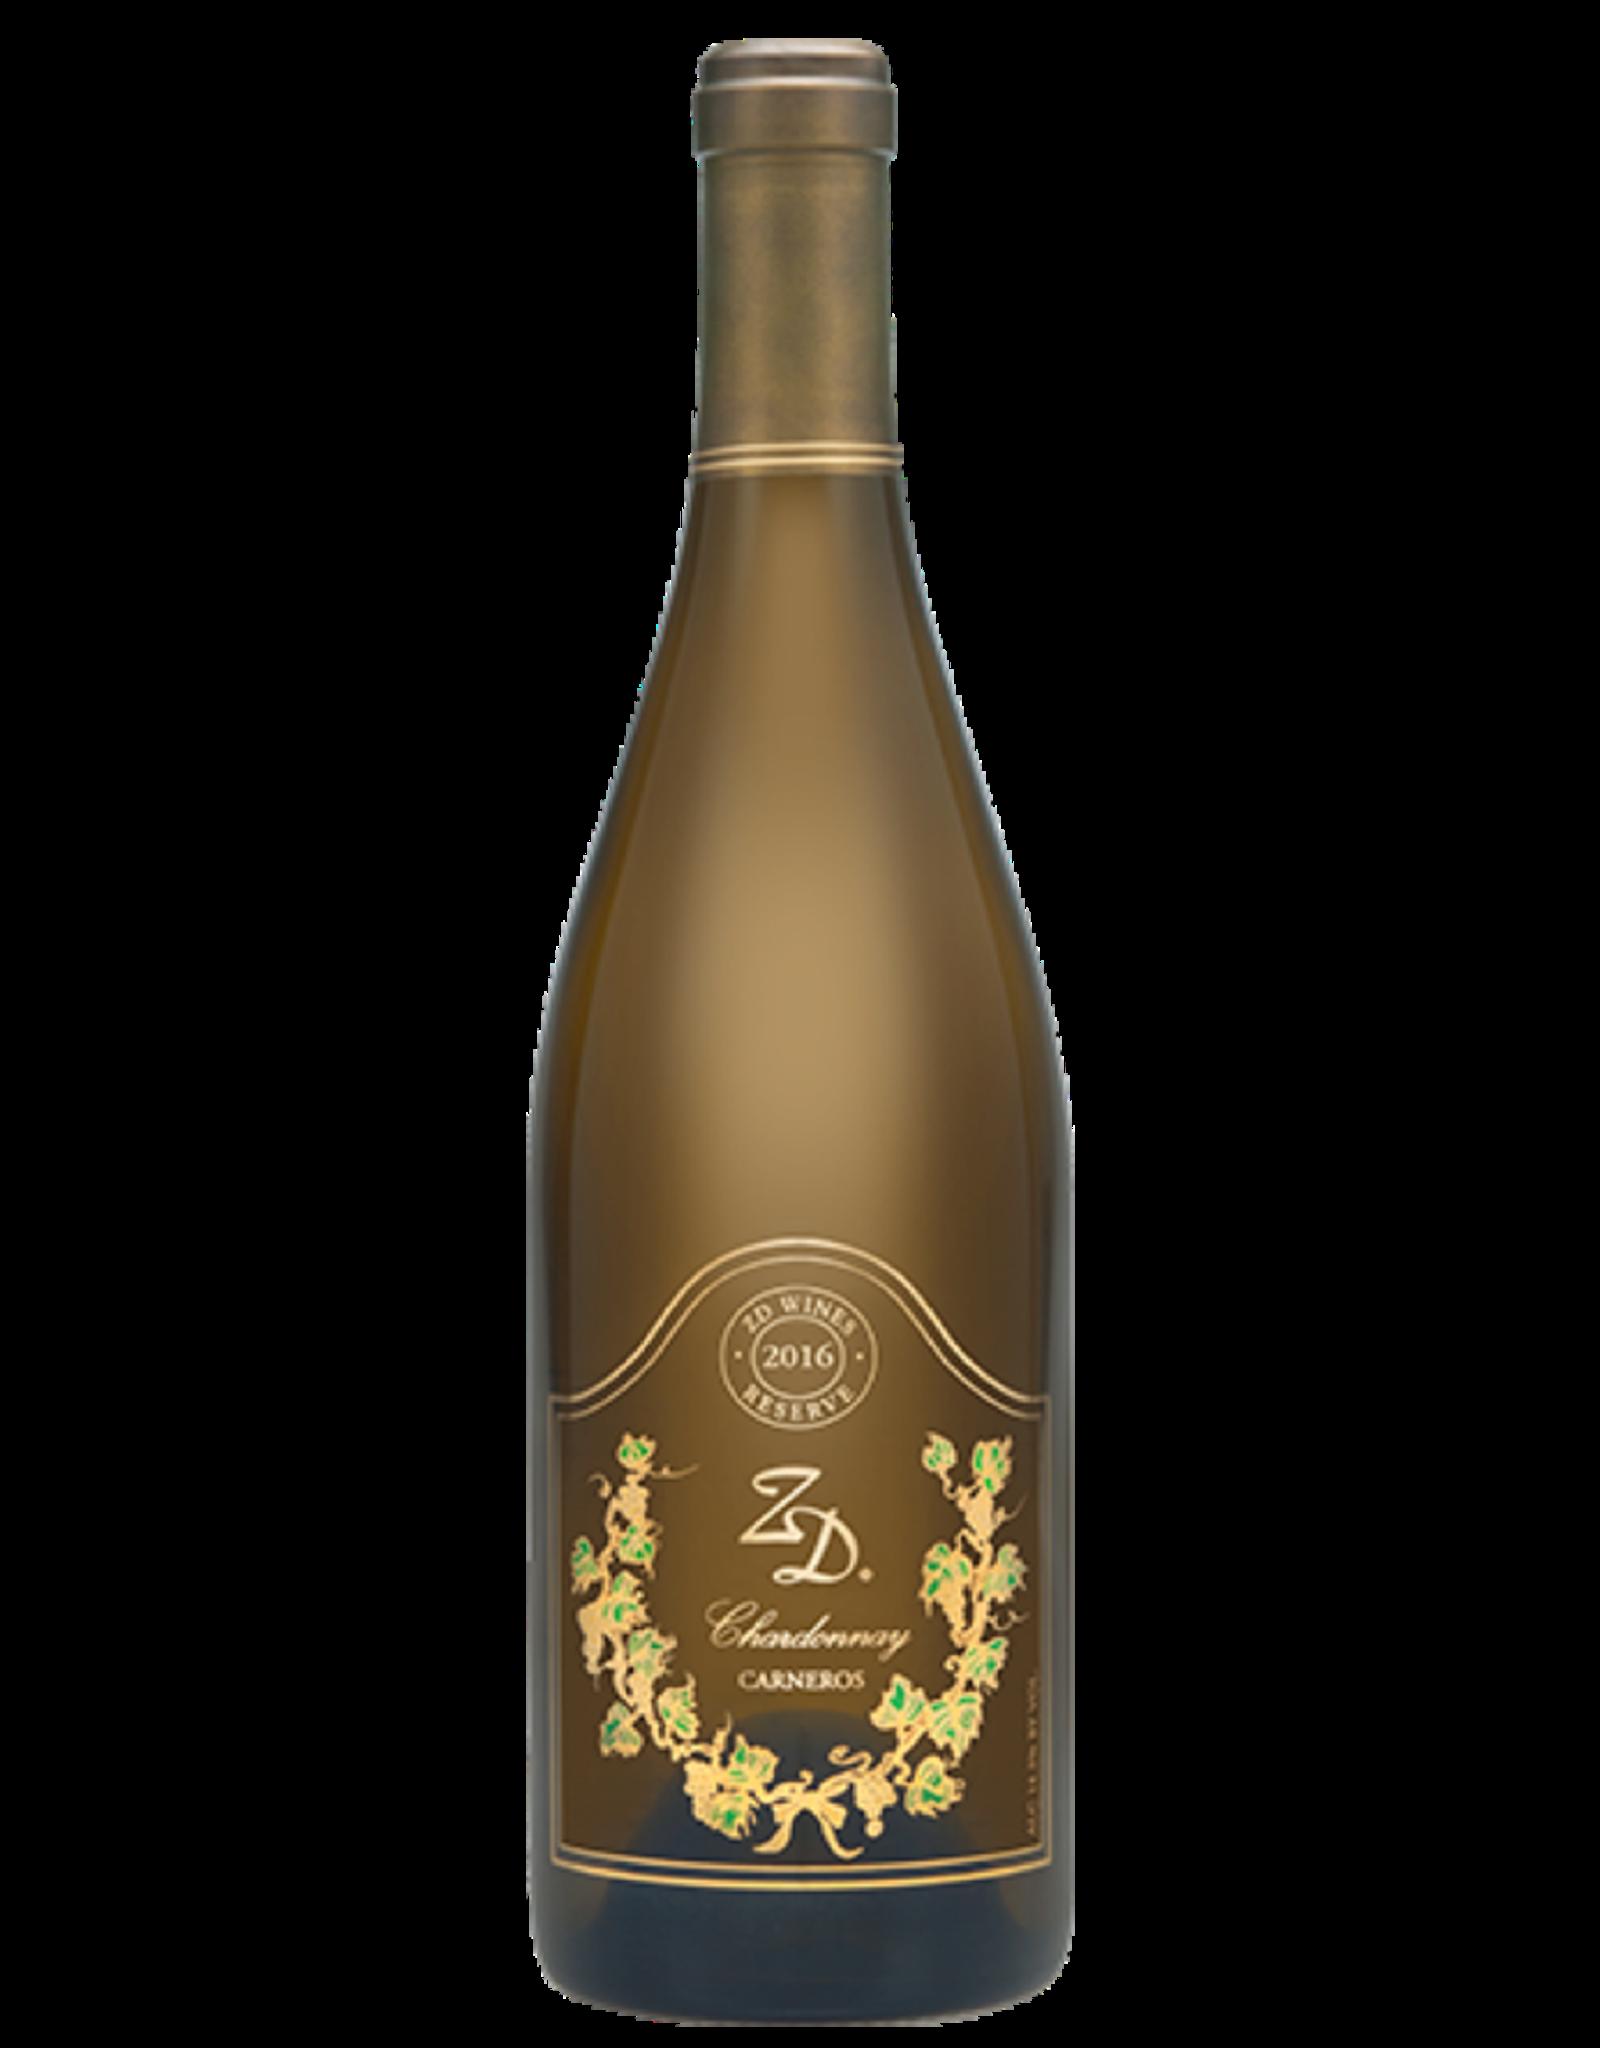 ZD Chardonnay 2016